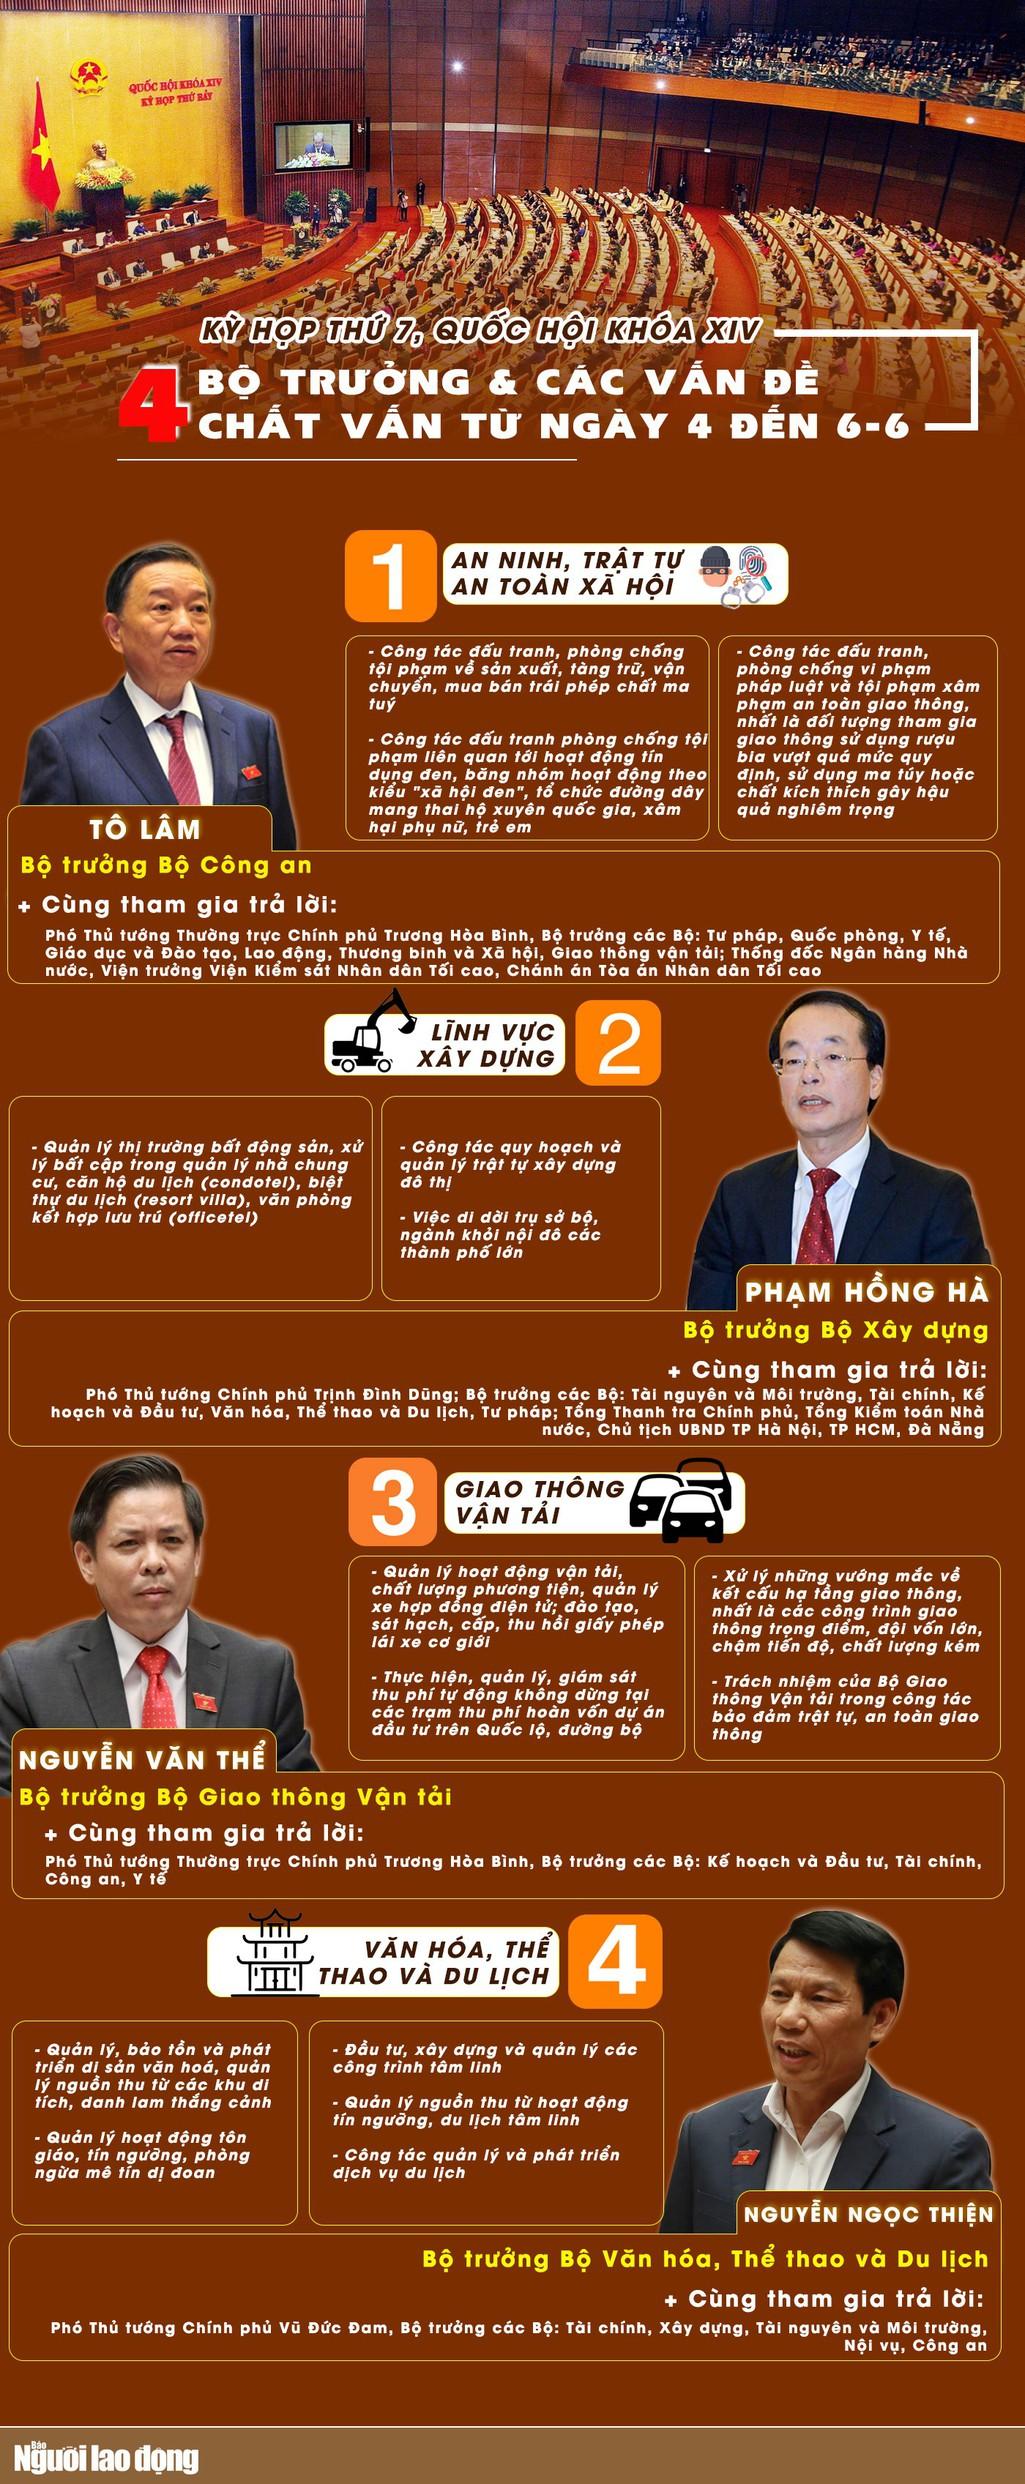 [Infographic] Các vấn đề 4 Bộ trưởng sẽ trả lời chất vấn tại Quốc hội - Ảnh 1.